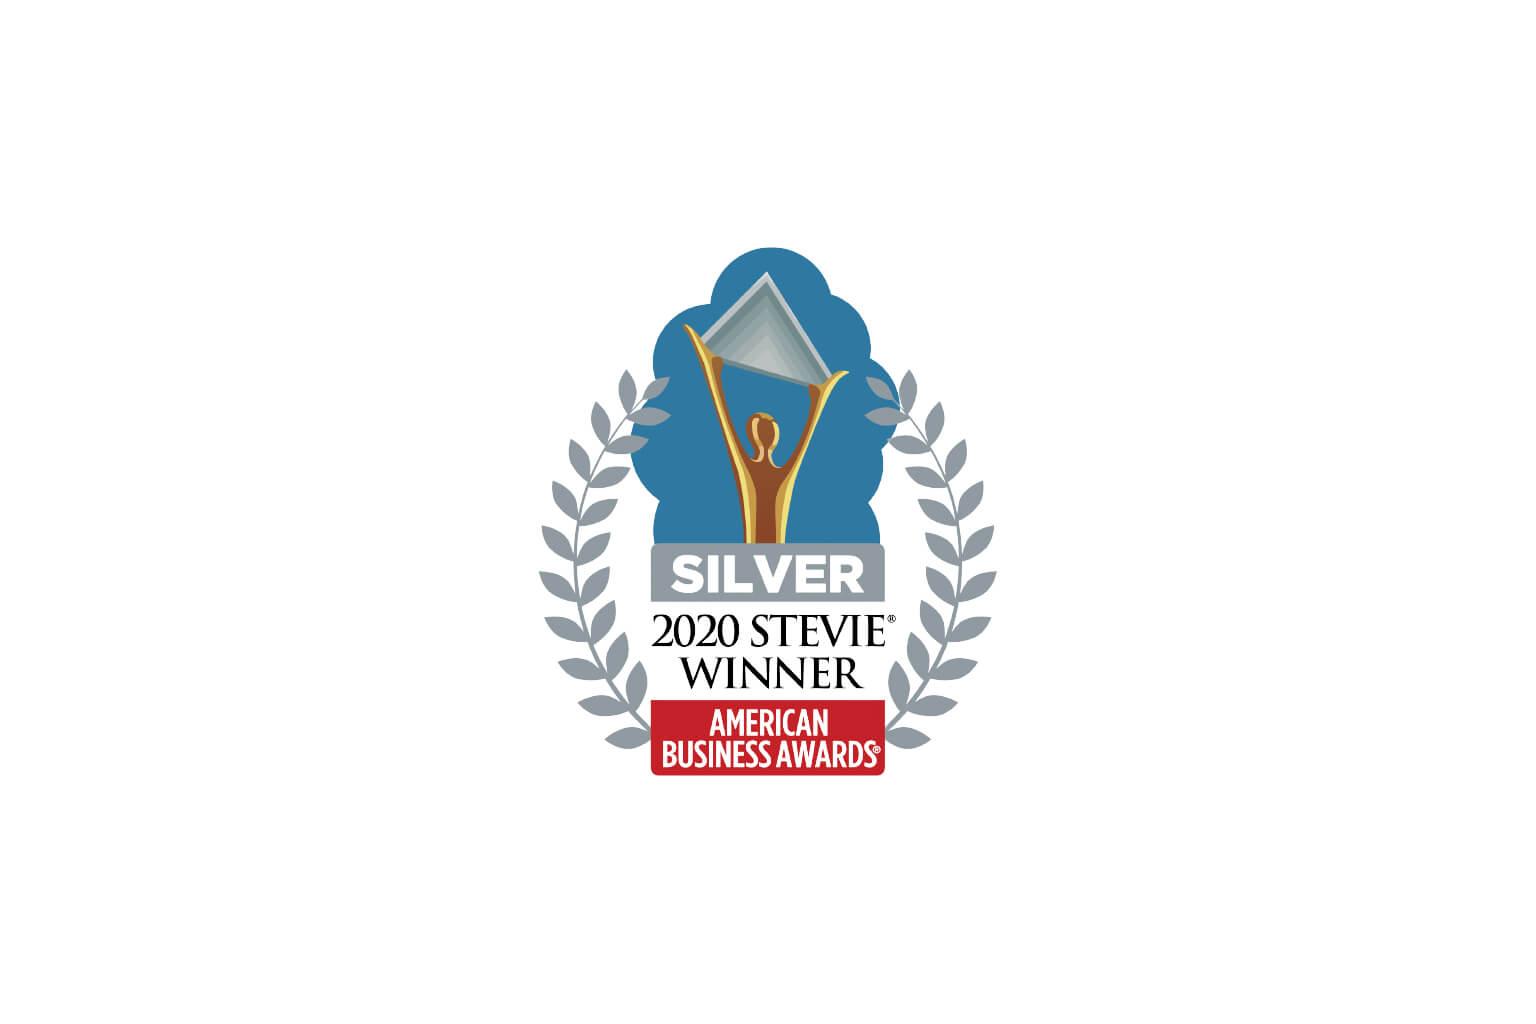 2020 Stevie Winner American Business Awards